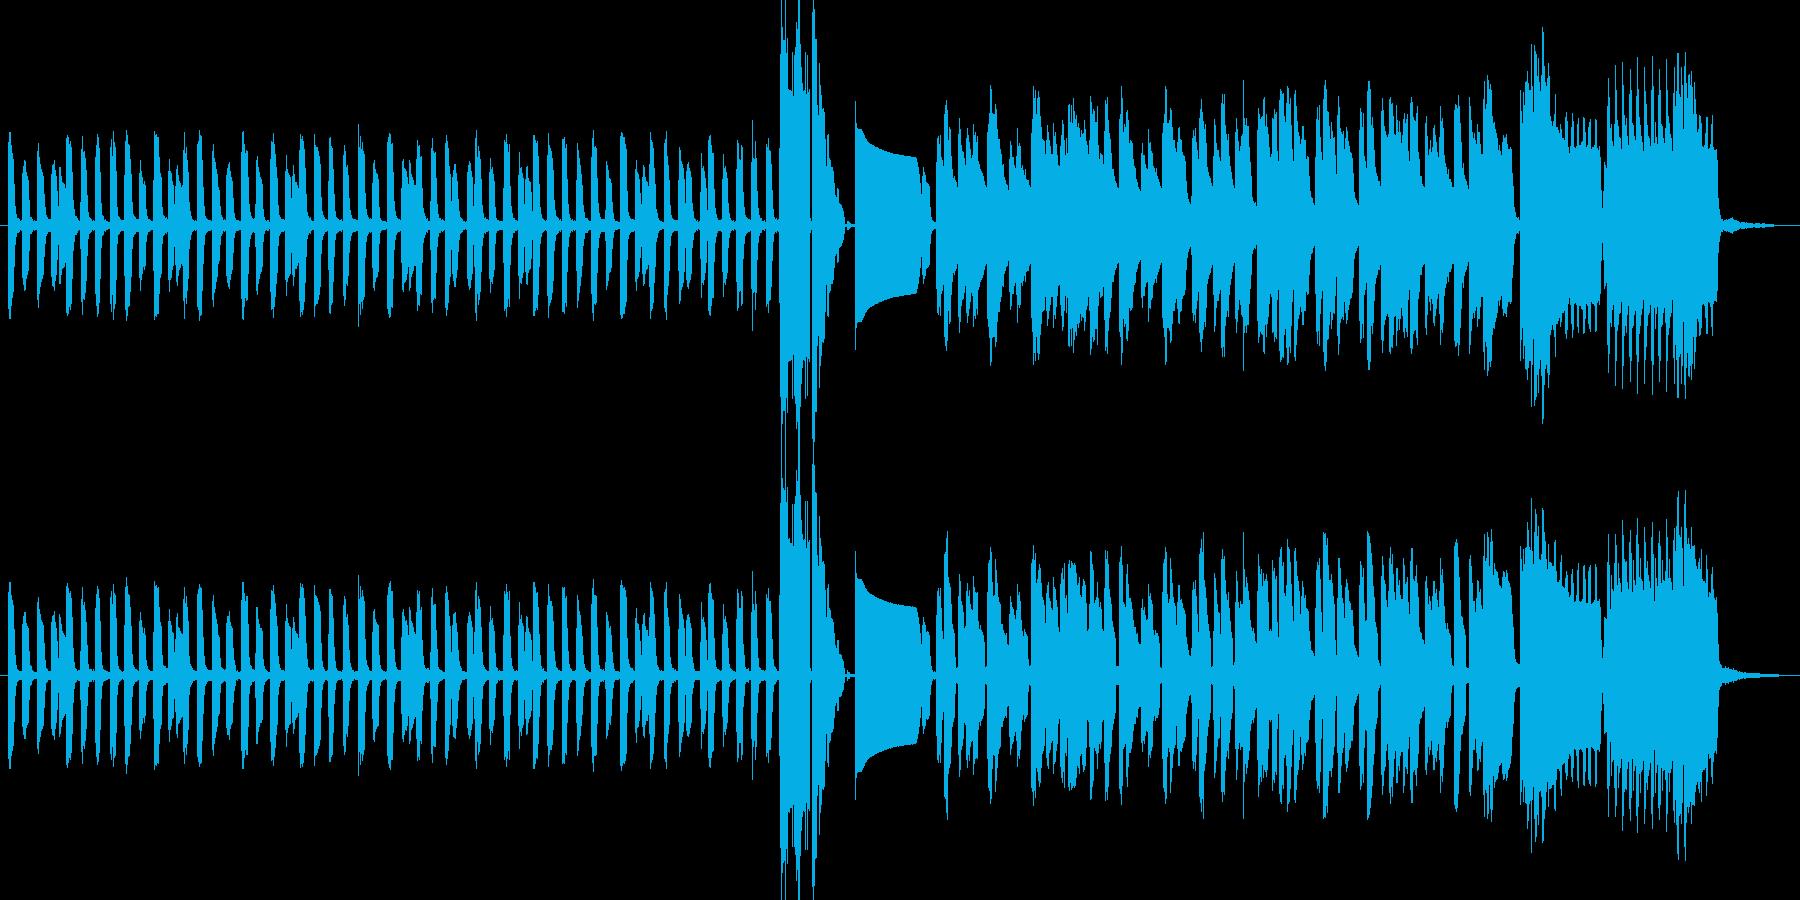 昔ながらのレトロゲームサウンドの再生済みの波形